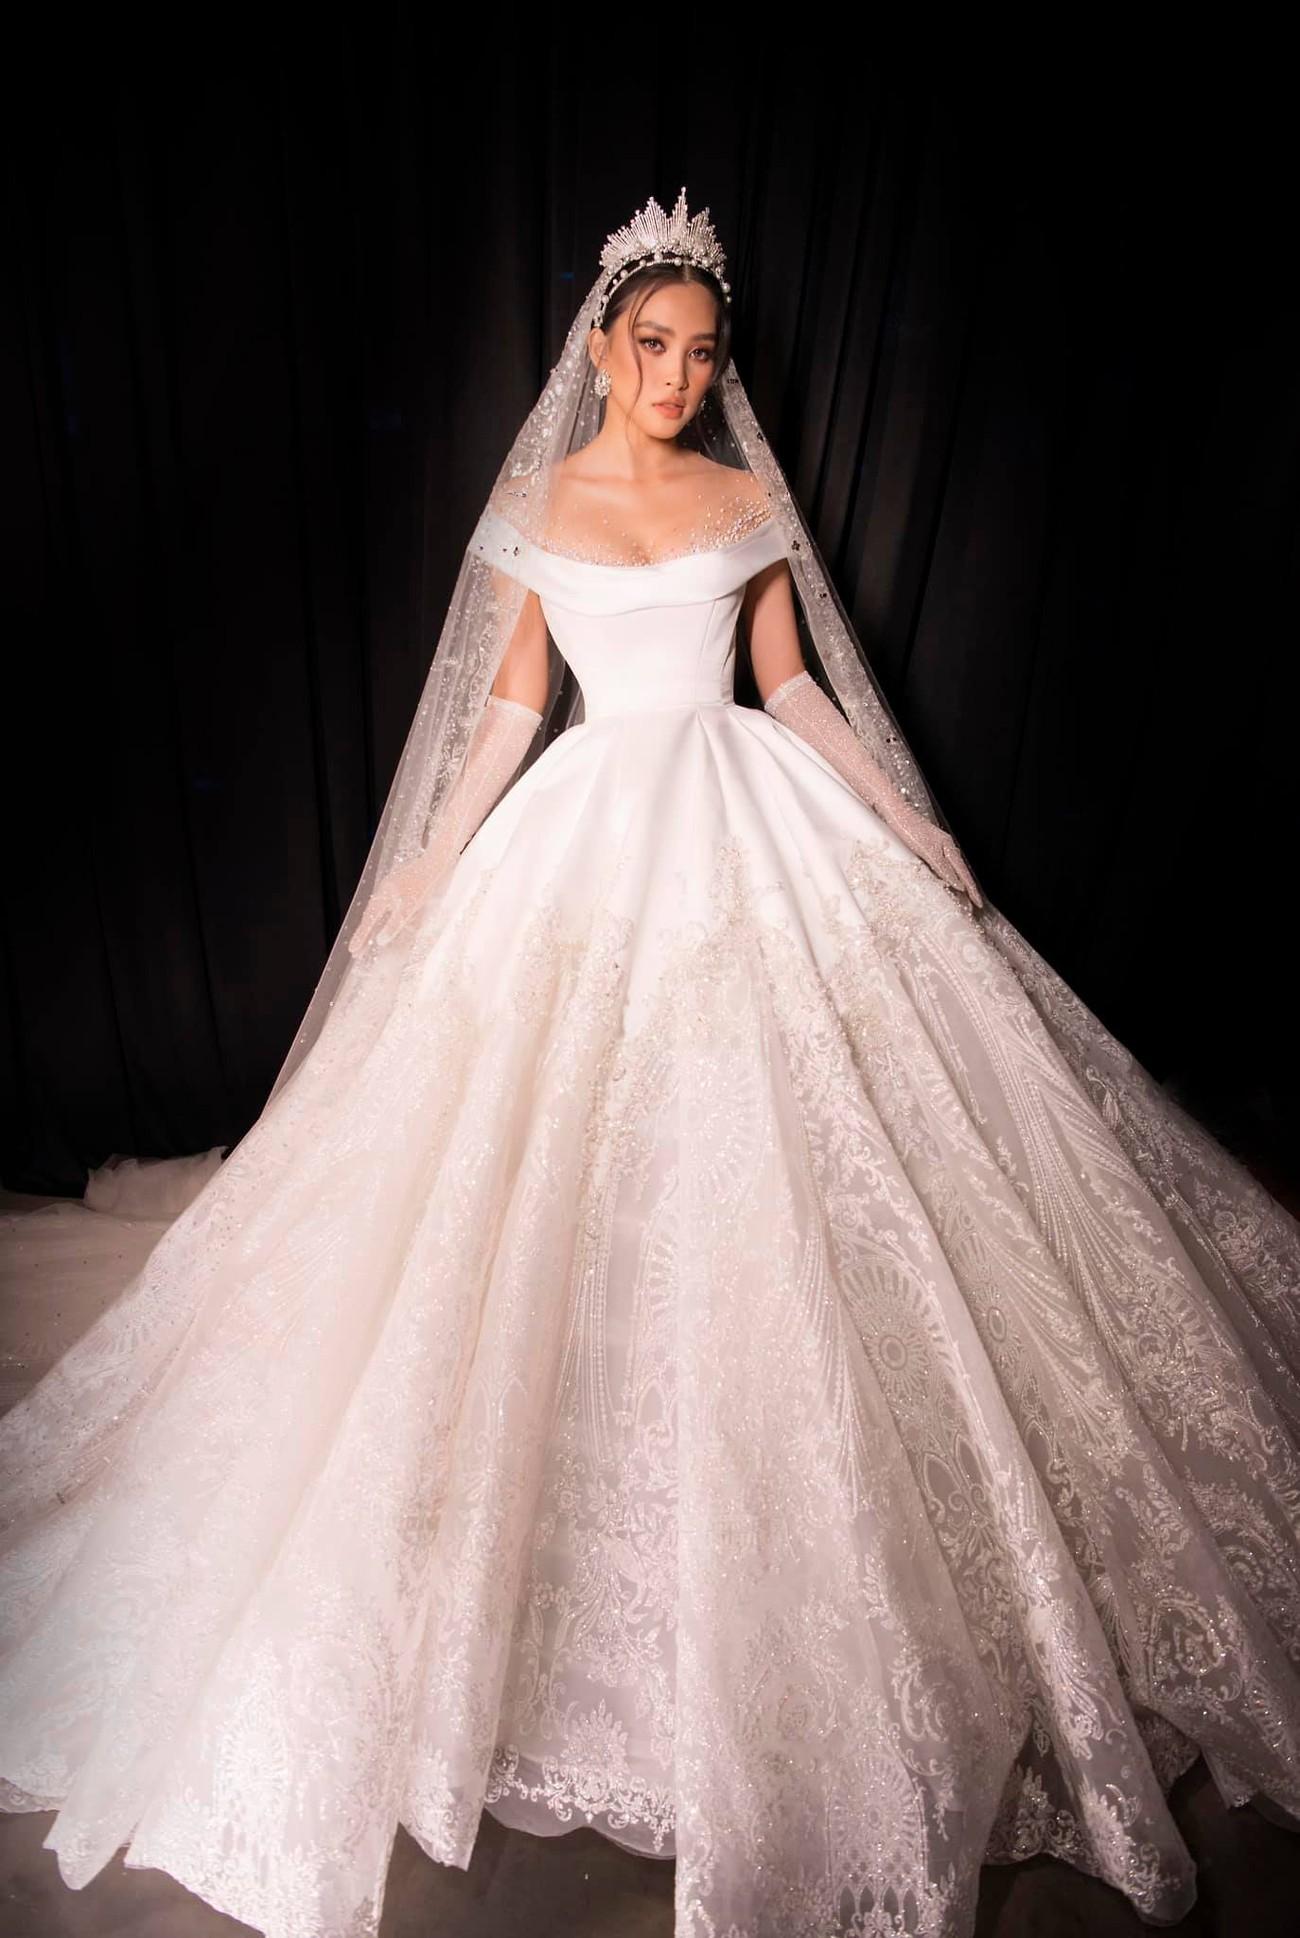 Hoa hậu Tiểu Vy mặc váy cô dâu khoe thềm ngực quyến rũ ảnh 2